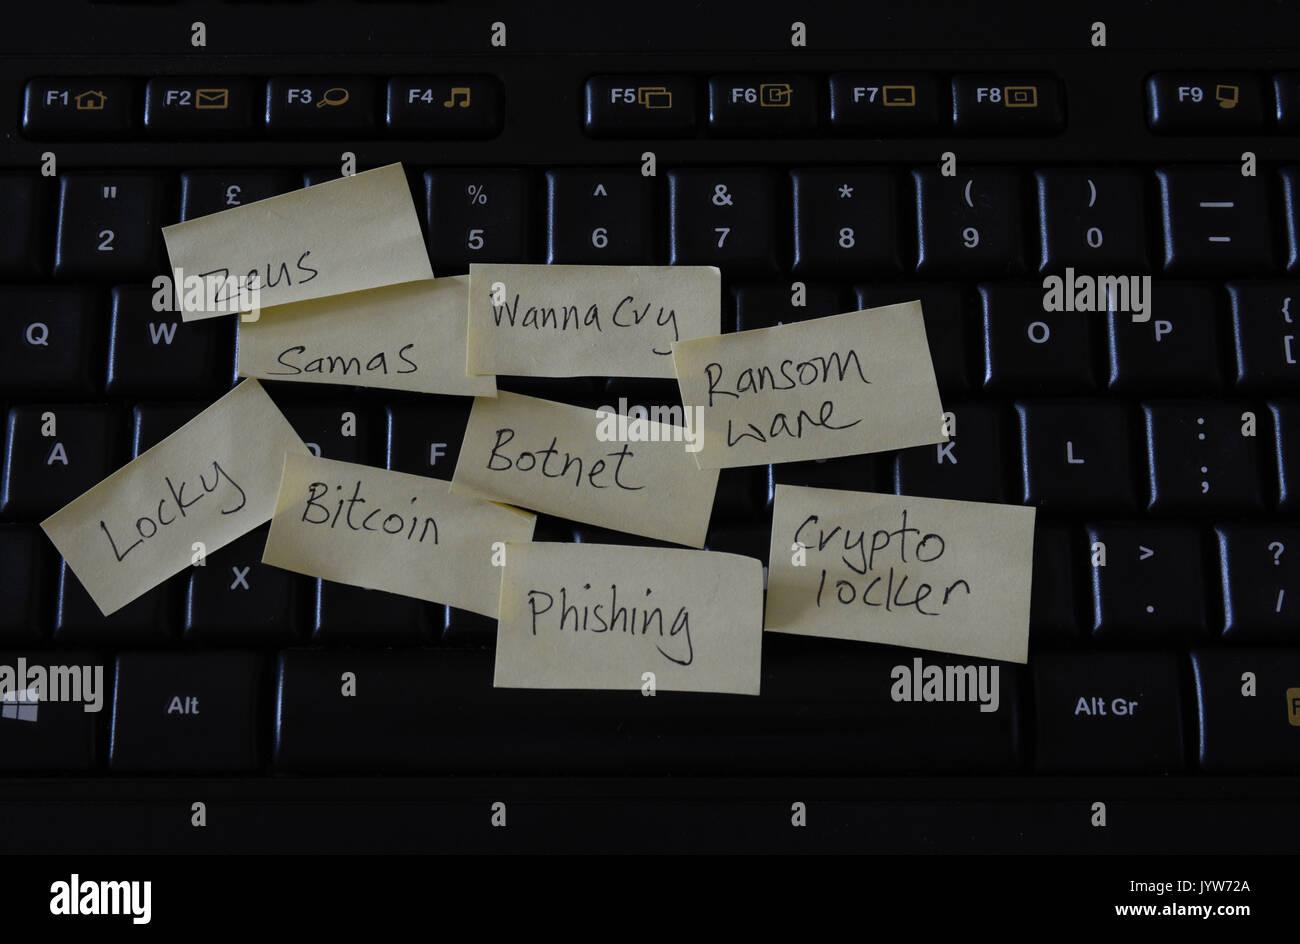 Teclado de ordenador con notas Post-it y amenazas informáticas ransomware Imagen De Stock